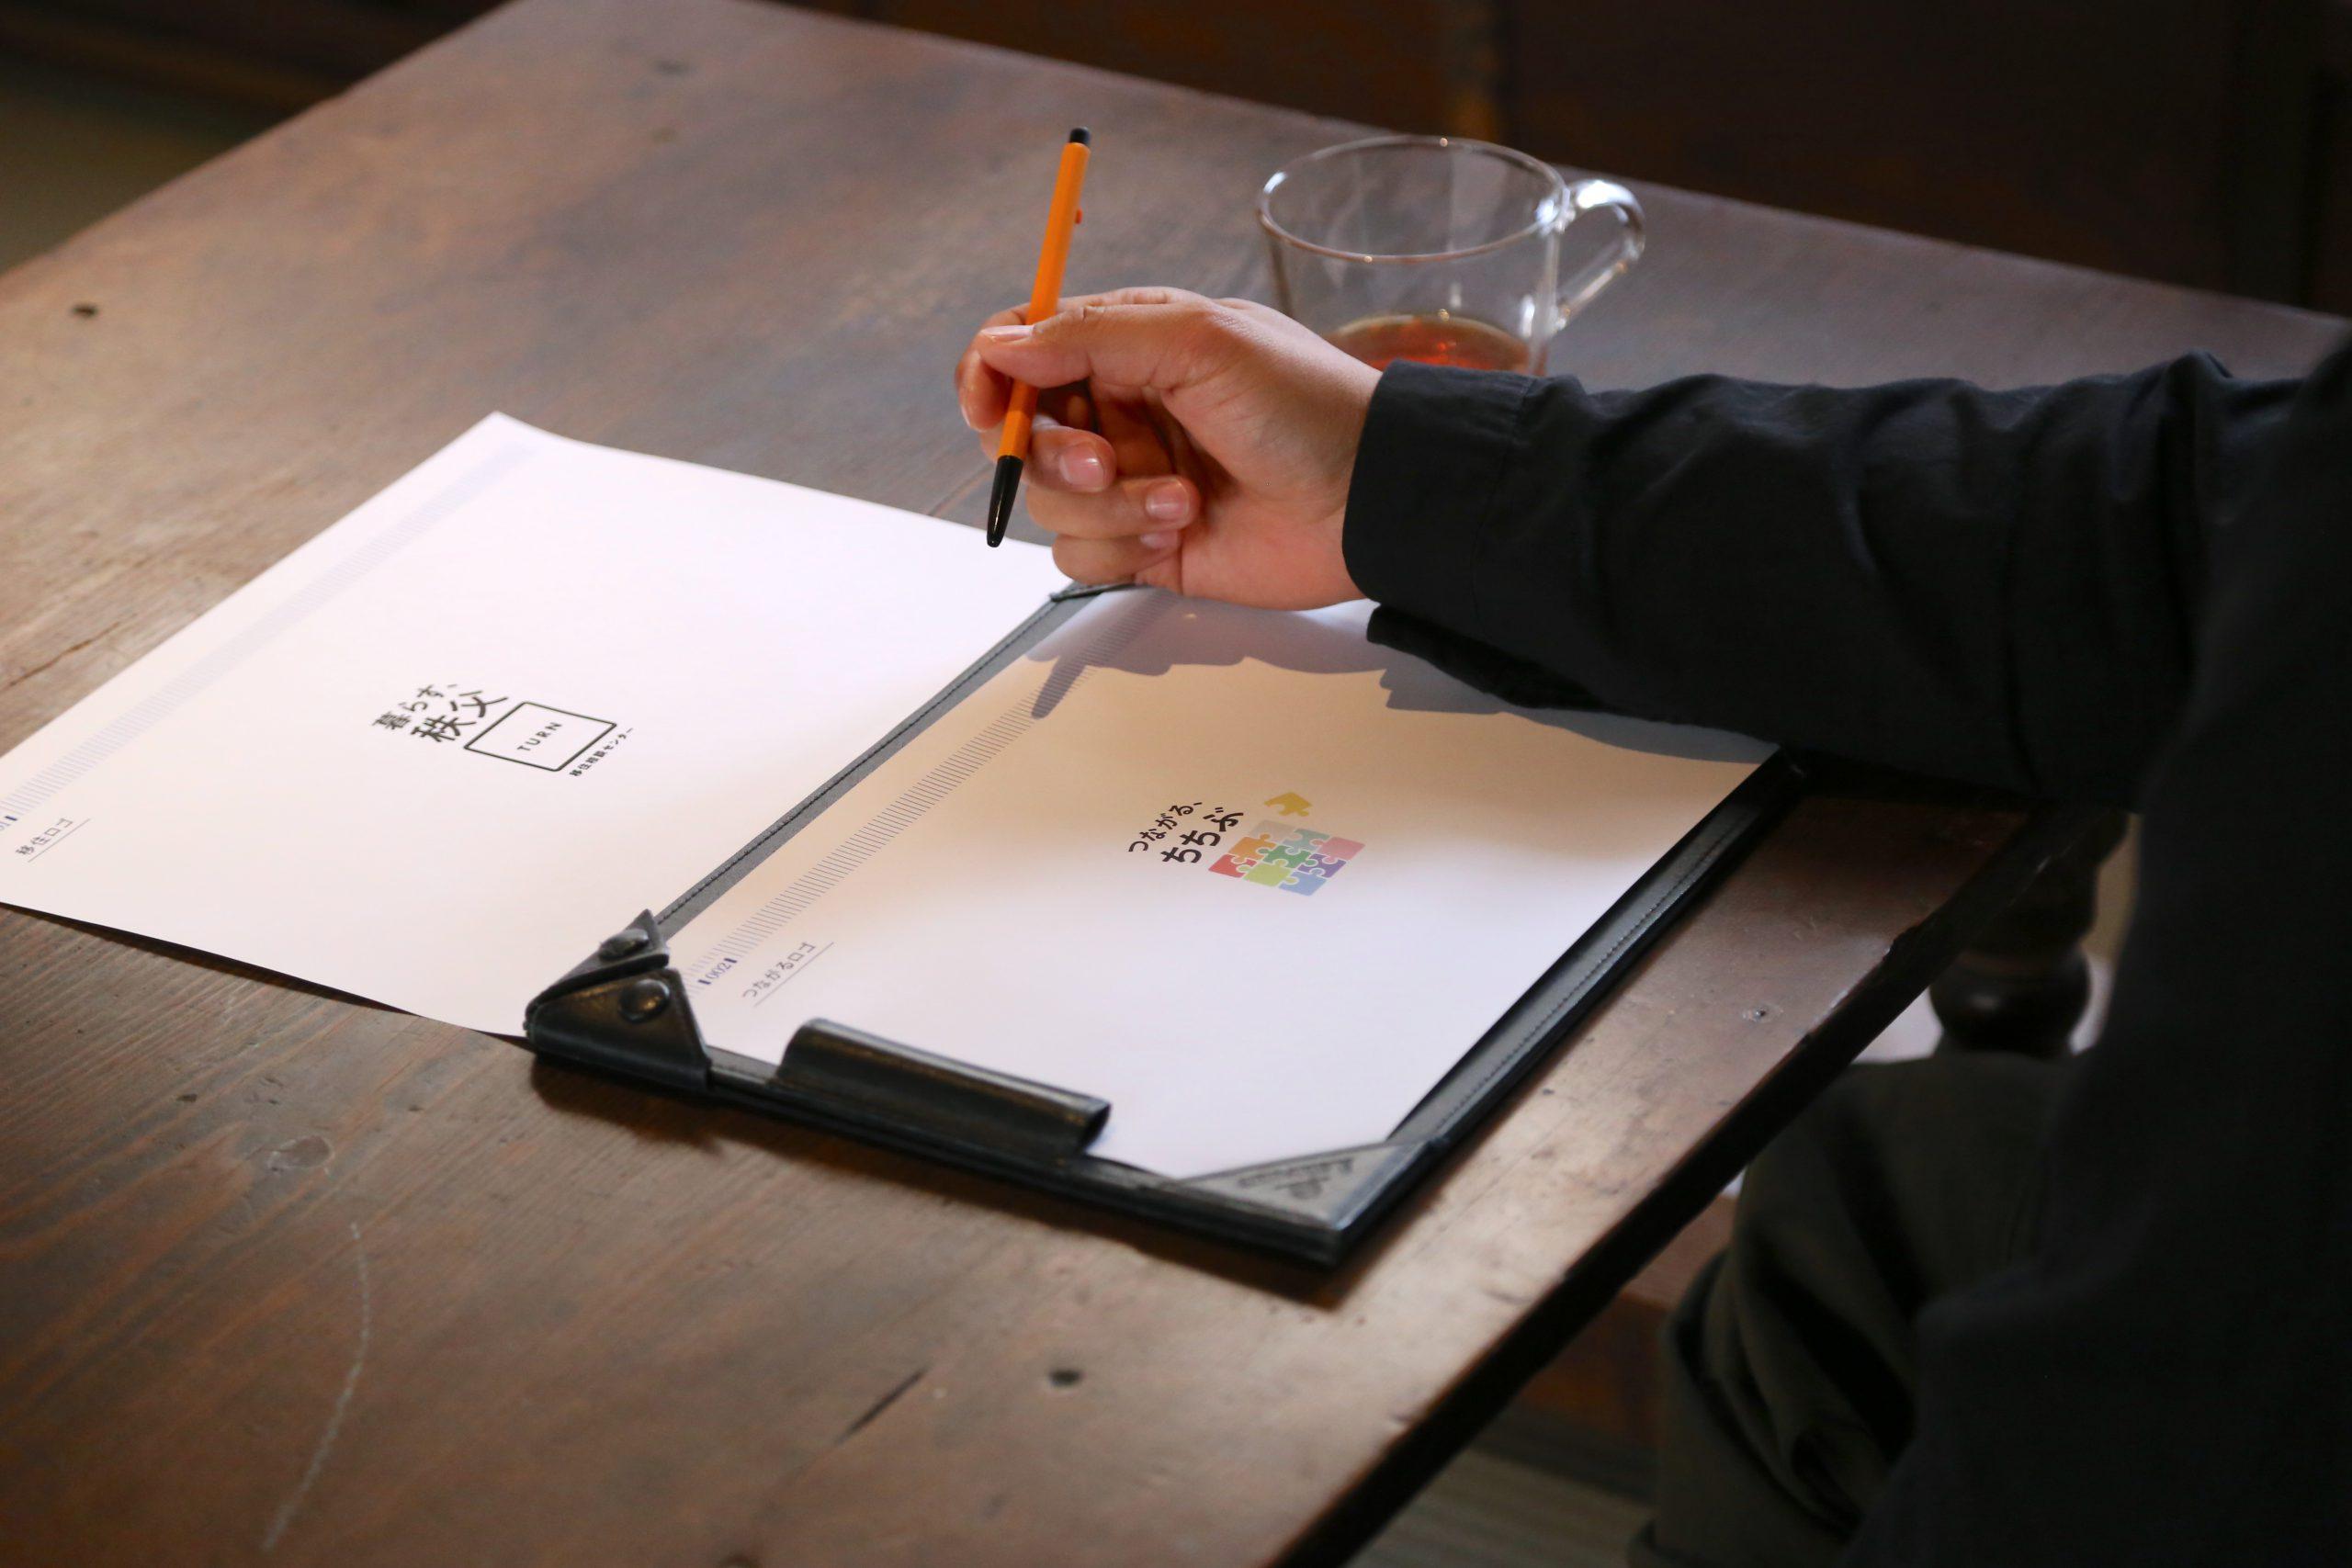 秩父市移住相談センターのロゴデザインについて